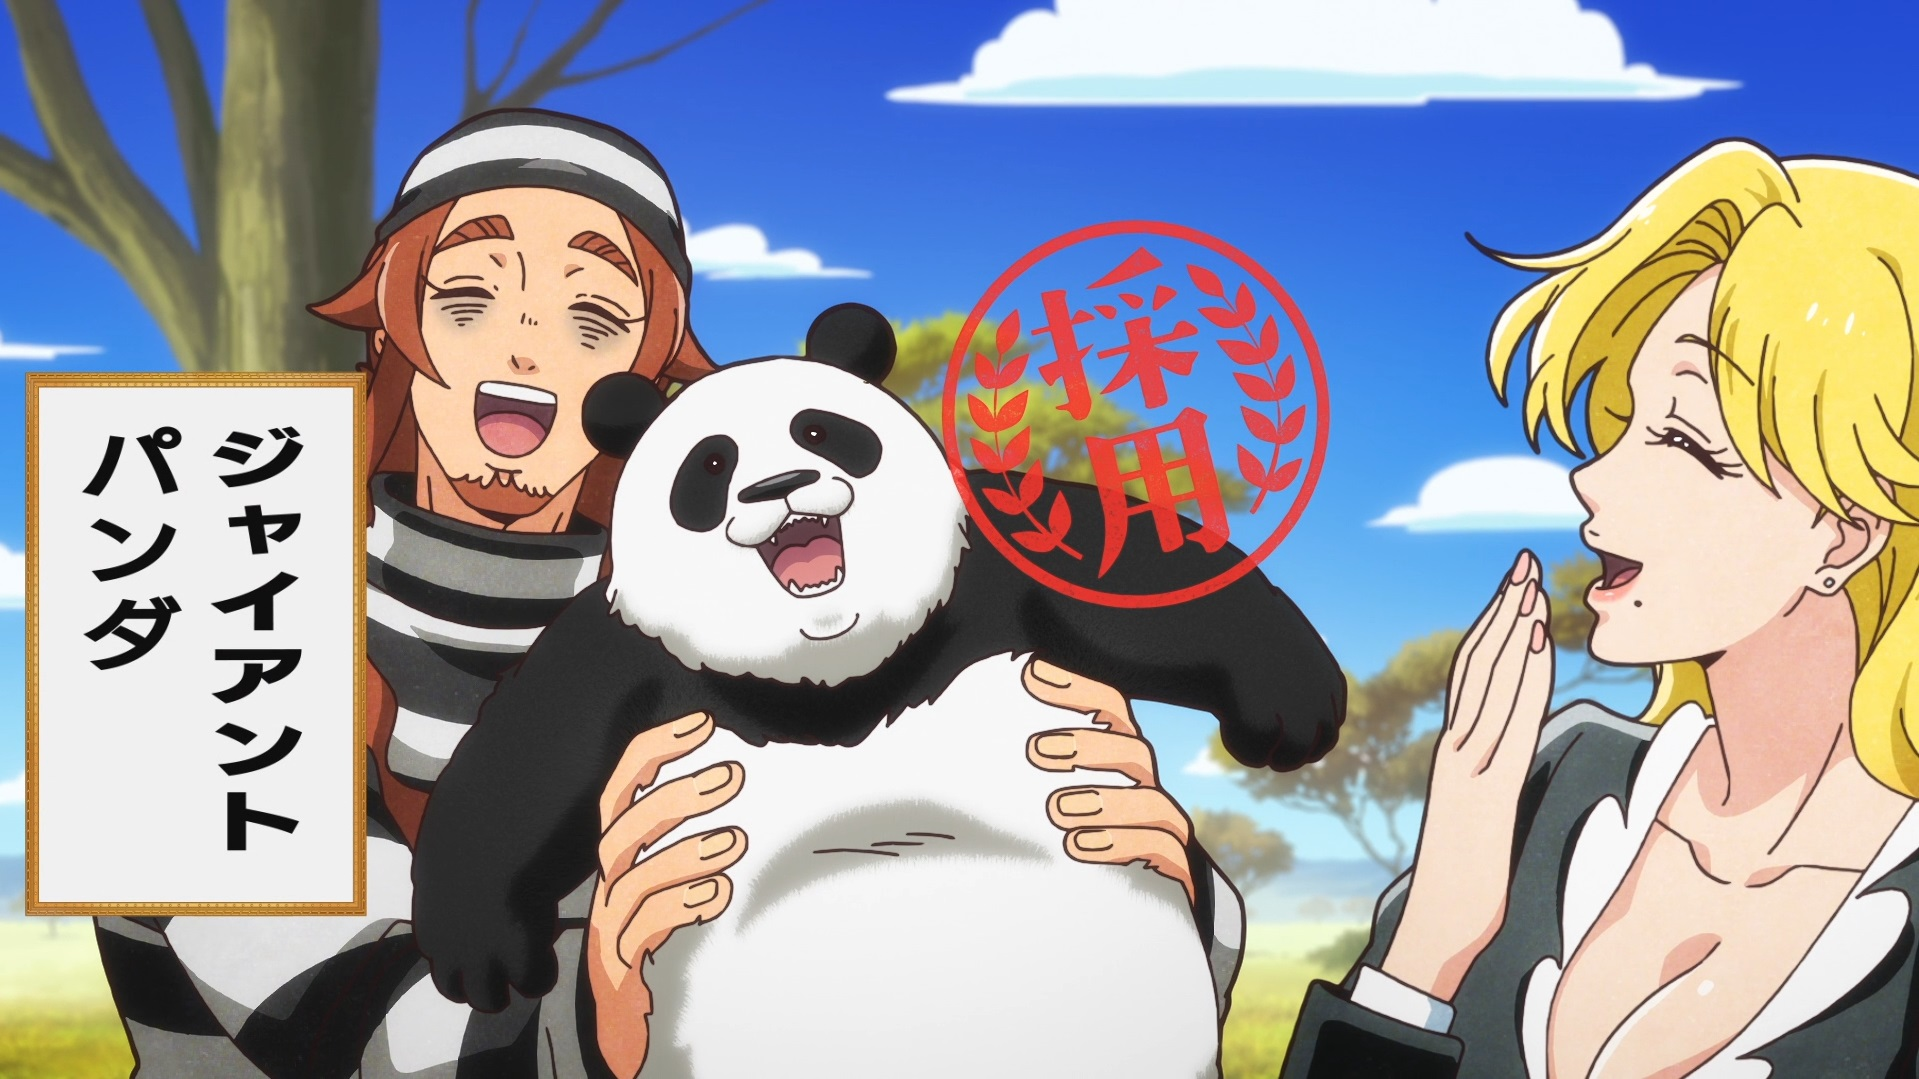 Un Unabara con exceso de trabajo (vestido con un atuendo de prisionero a rayas) cumple con éxito una orden divina para un animal rayado al inventar el panda gigante mientras Ueda se ríe encantado y lo felicita cuando llega la aprobación durante una escena del anime de televisión Heaven's Design Team.